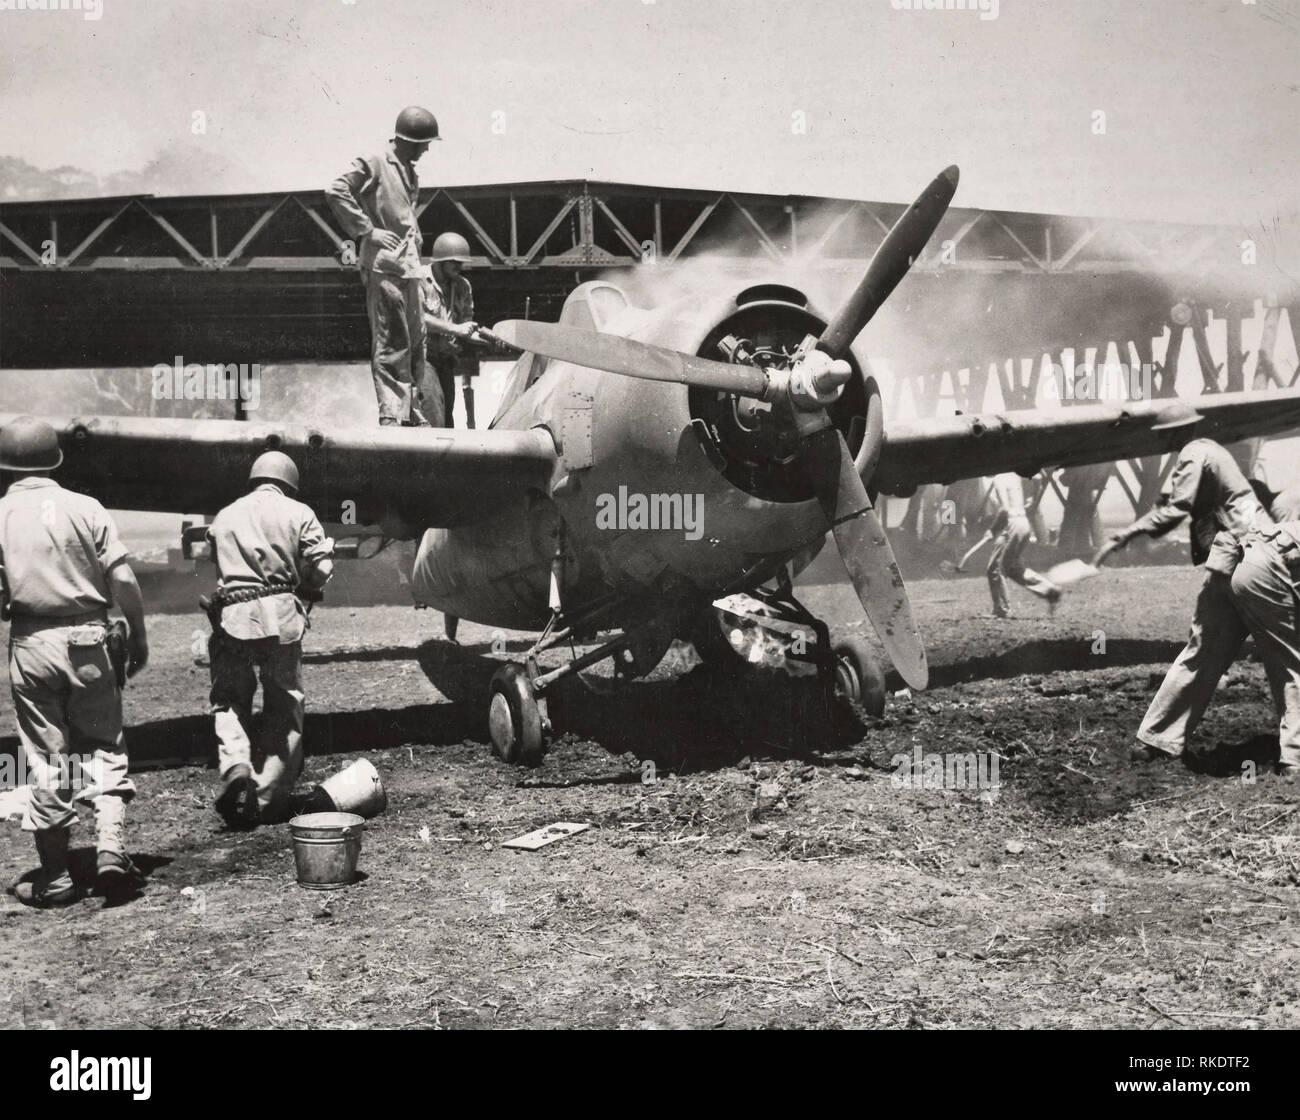 Marine Kampfflugzeug gespeichert. Frißt durch eine japanische Bombe getroffen auf dem Bügel im Hintergrund, diese Marine fighter Plan wurde in den offenen gezogen von Leatherneck, Schmutz und Chemikalien, die Flammen zu löschen. Das Flugzeug, eine Grumman â ? oeWildcatâ ? nicht schwer beschädigt worden war und in der Lage war, in die Luft zu kommen. Das Bild wurde kurz nach der Marines eine strategische Guadalcanal Flughafen aus der Japanischen erfasst. 1942 Stockbild